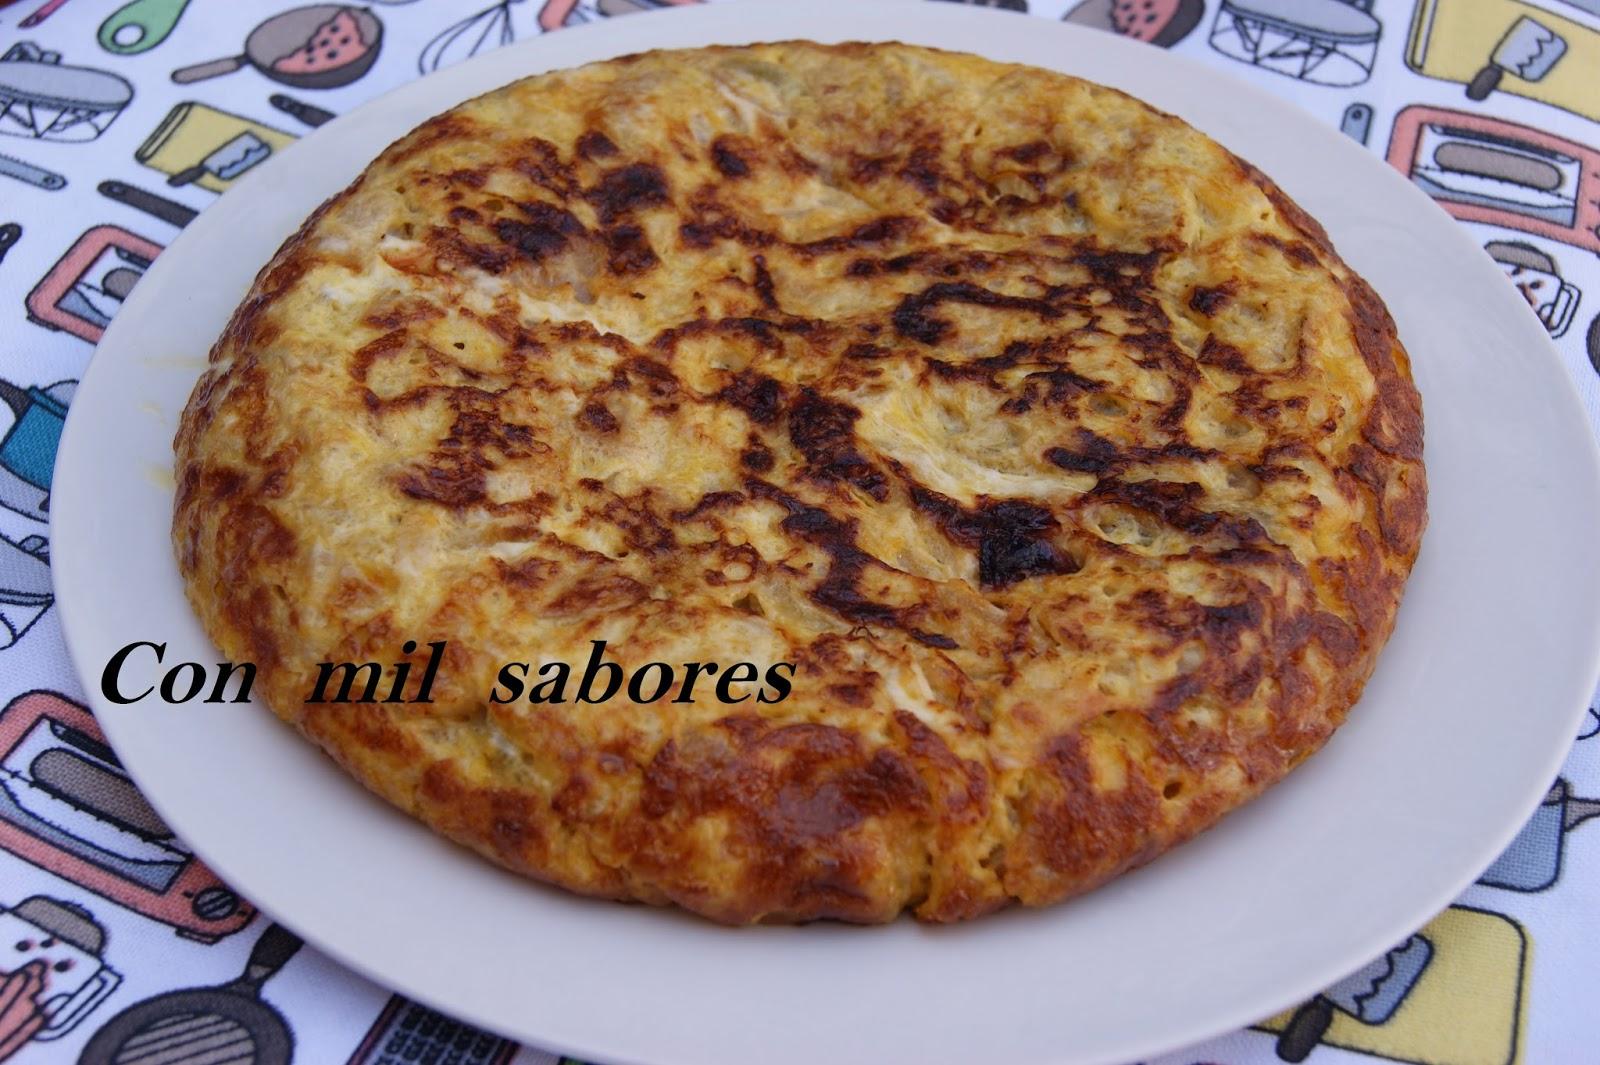 Con mil sabores tortilla de calabac n y cebolla caramelizada - Tortilla de calabacin y cebolla ...